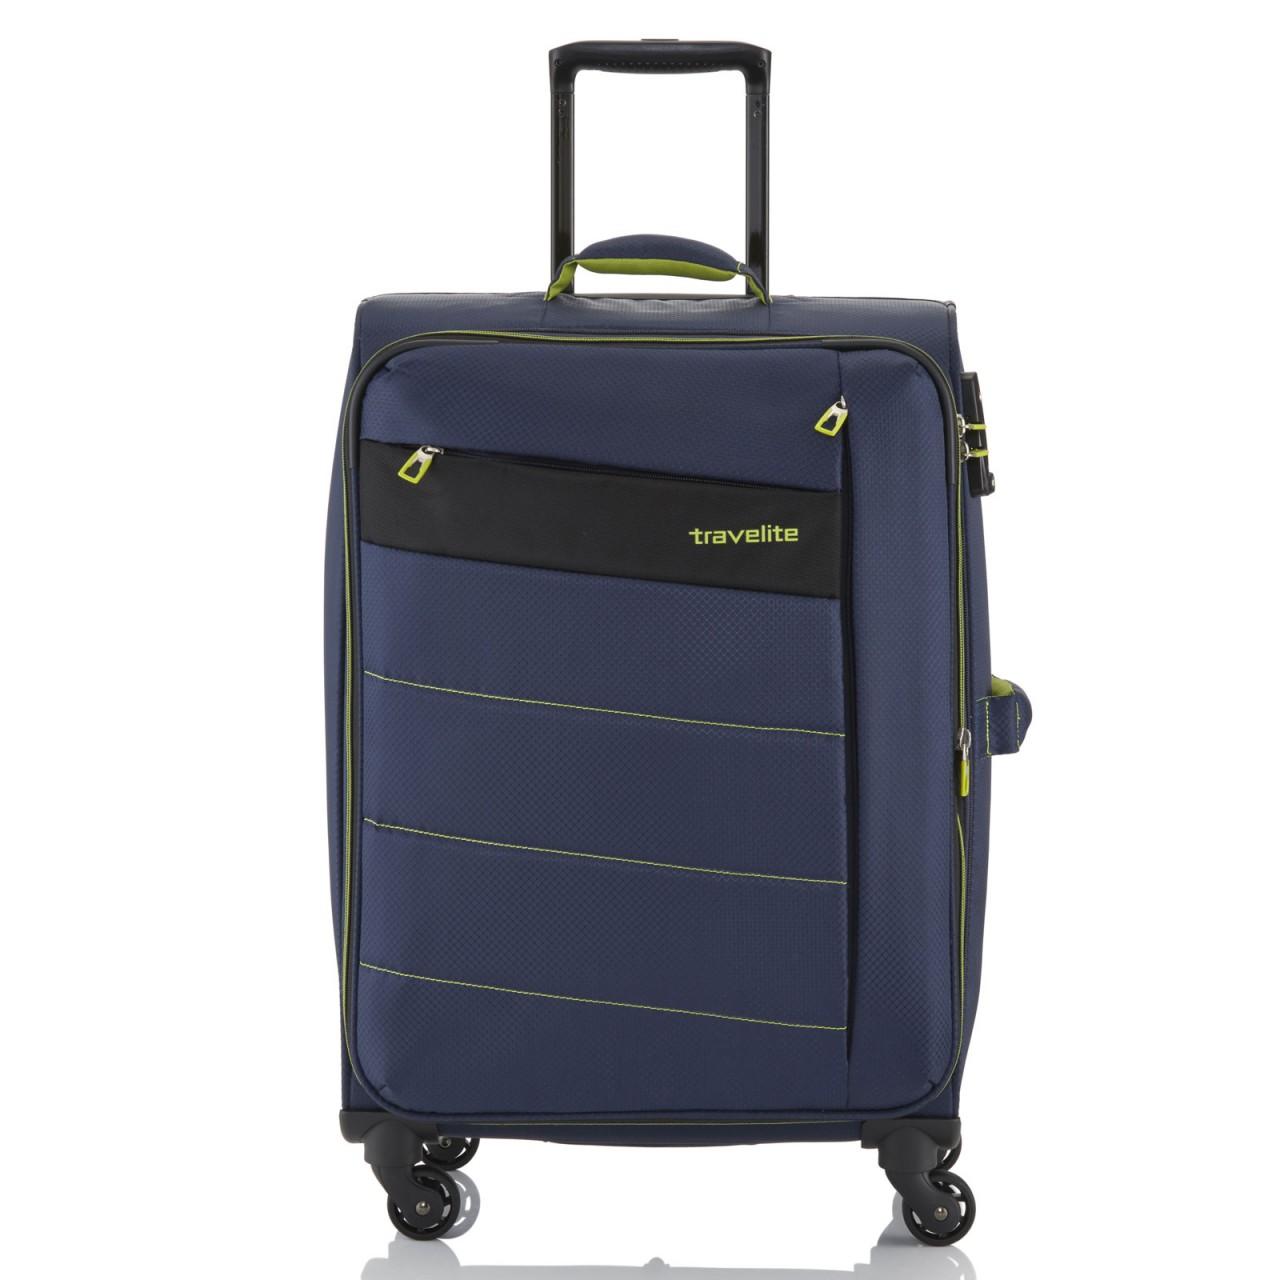 travelite kite 4 rad trolley m preisvergleich koffer trolley g nstig kaufen bei. Black Bedroom Furniture Sets. Home Design Ideas